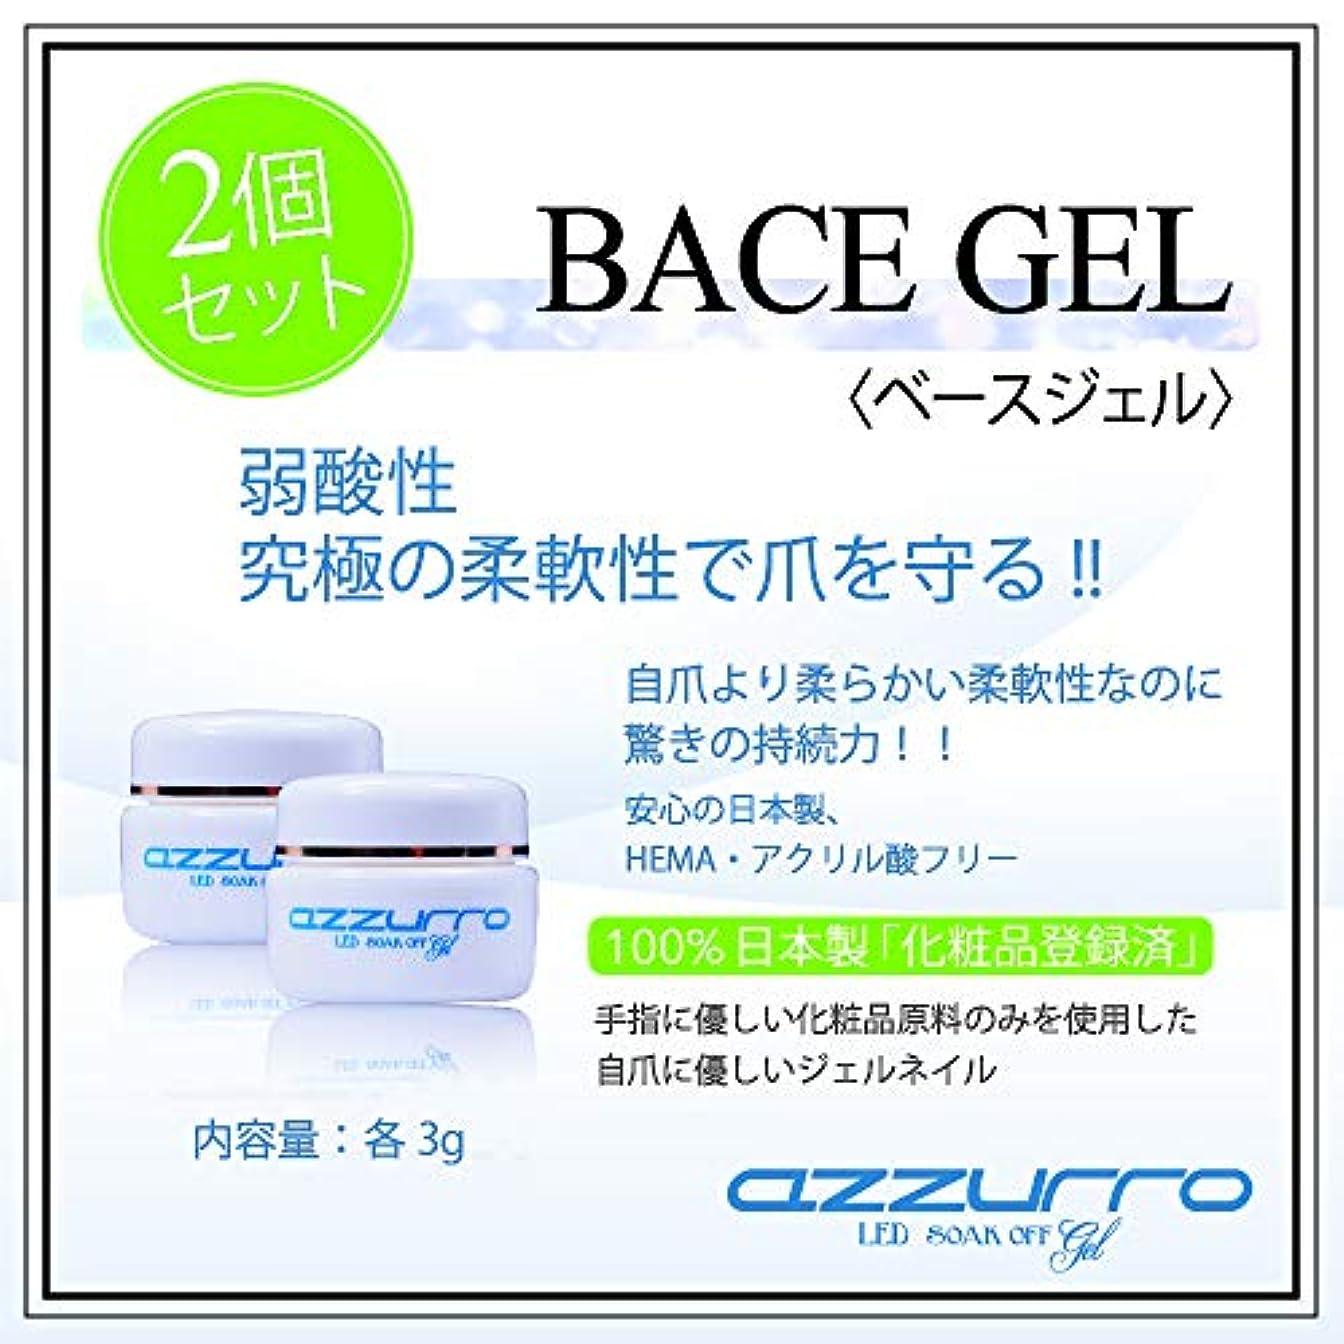 ずっとこする憎しみazzurro gel アッズーロベースジェル お得な2個セット 爪に優しい 日本製 驚きの密着力 リムーバーでオフも簡単3g